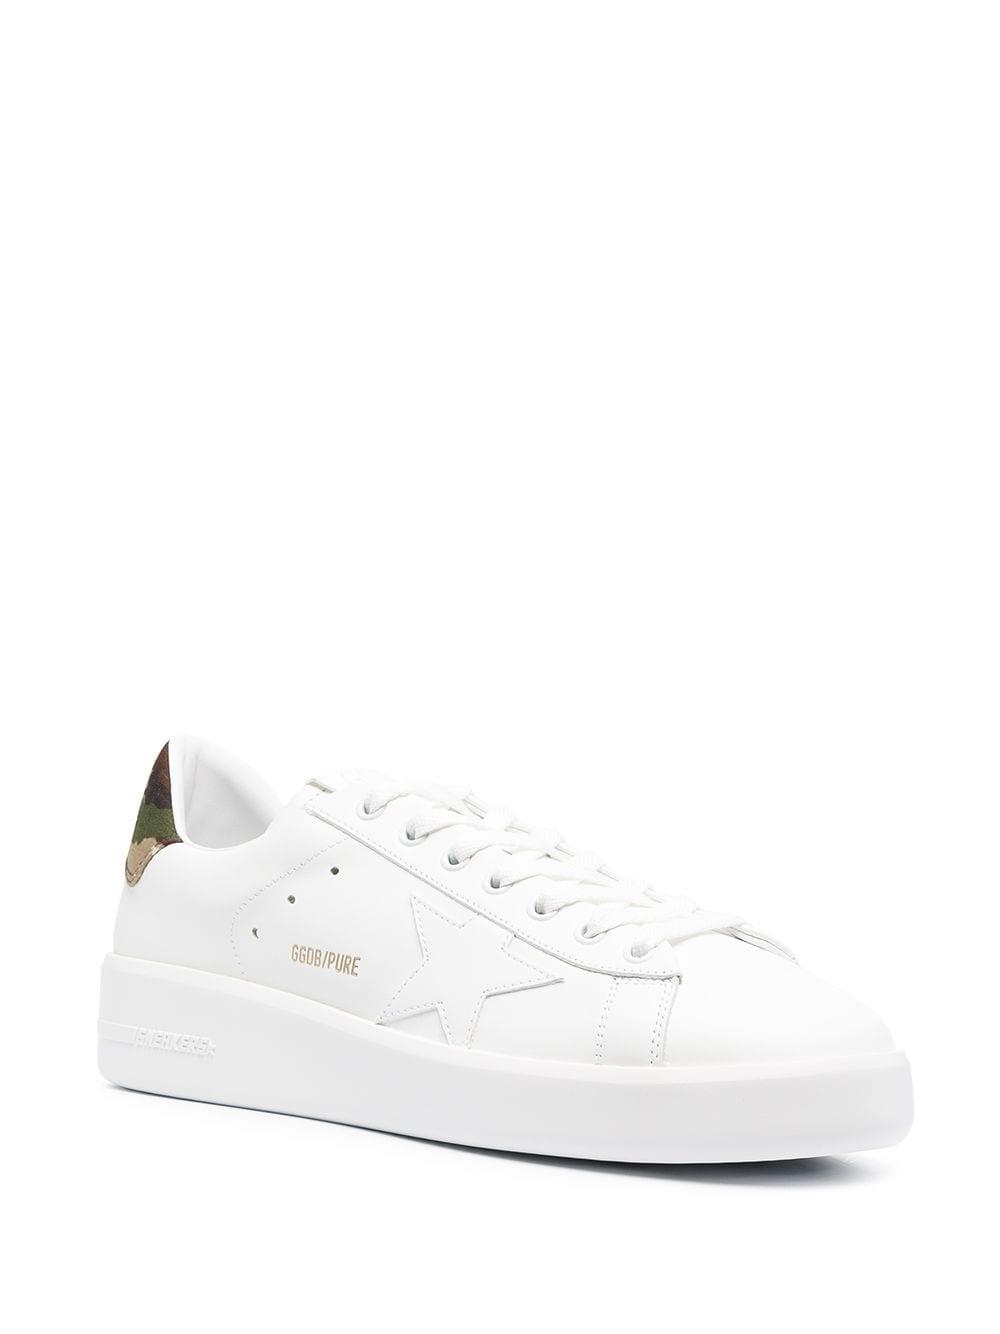 Picture of Golden Goose Deluxe Brand | Purestar Low-Top Sneakers